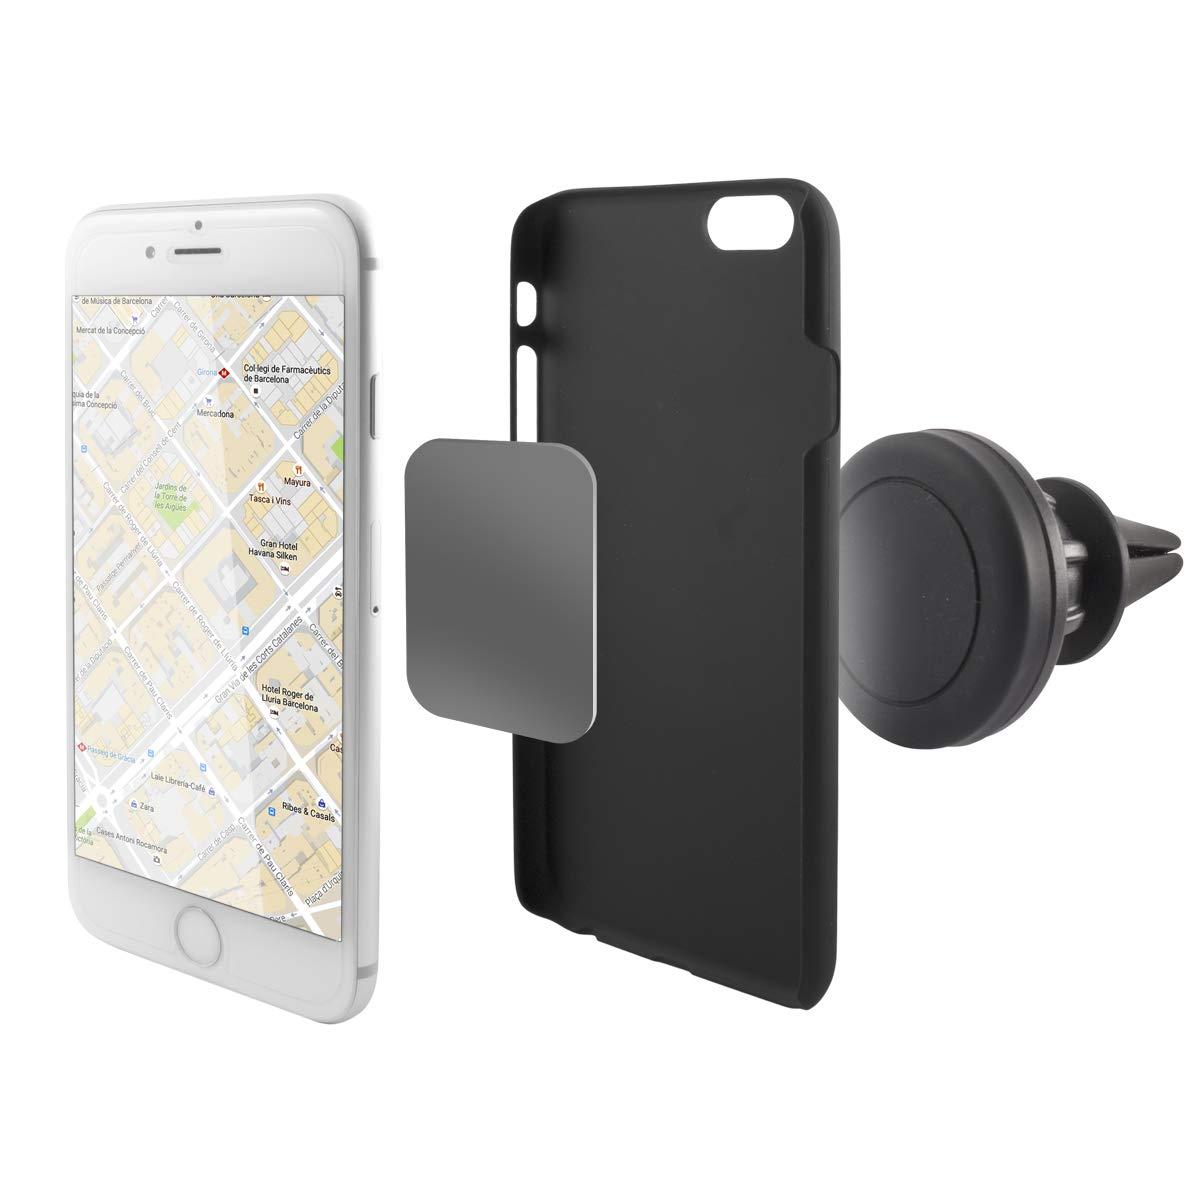 Ksix B9000SU09 - Soporte magnetic universal para smartphone, color negro: Amazon.es: Electrónica